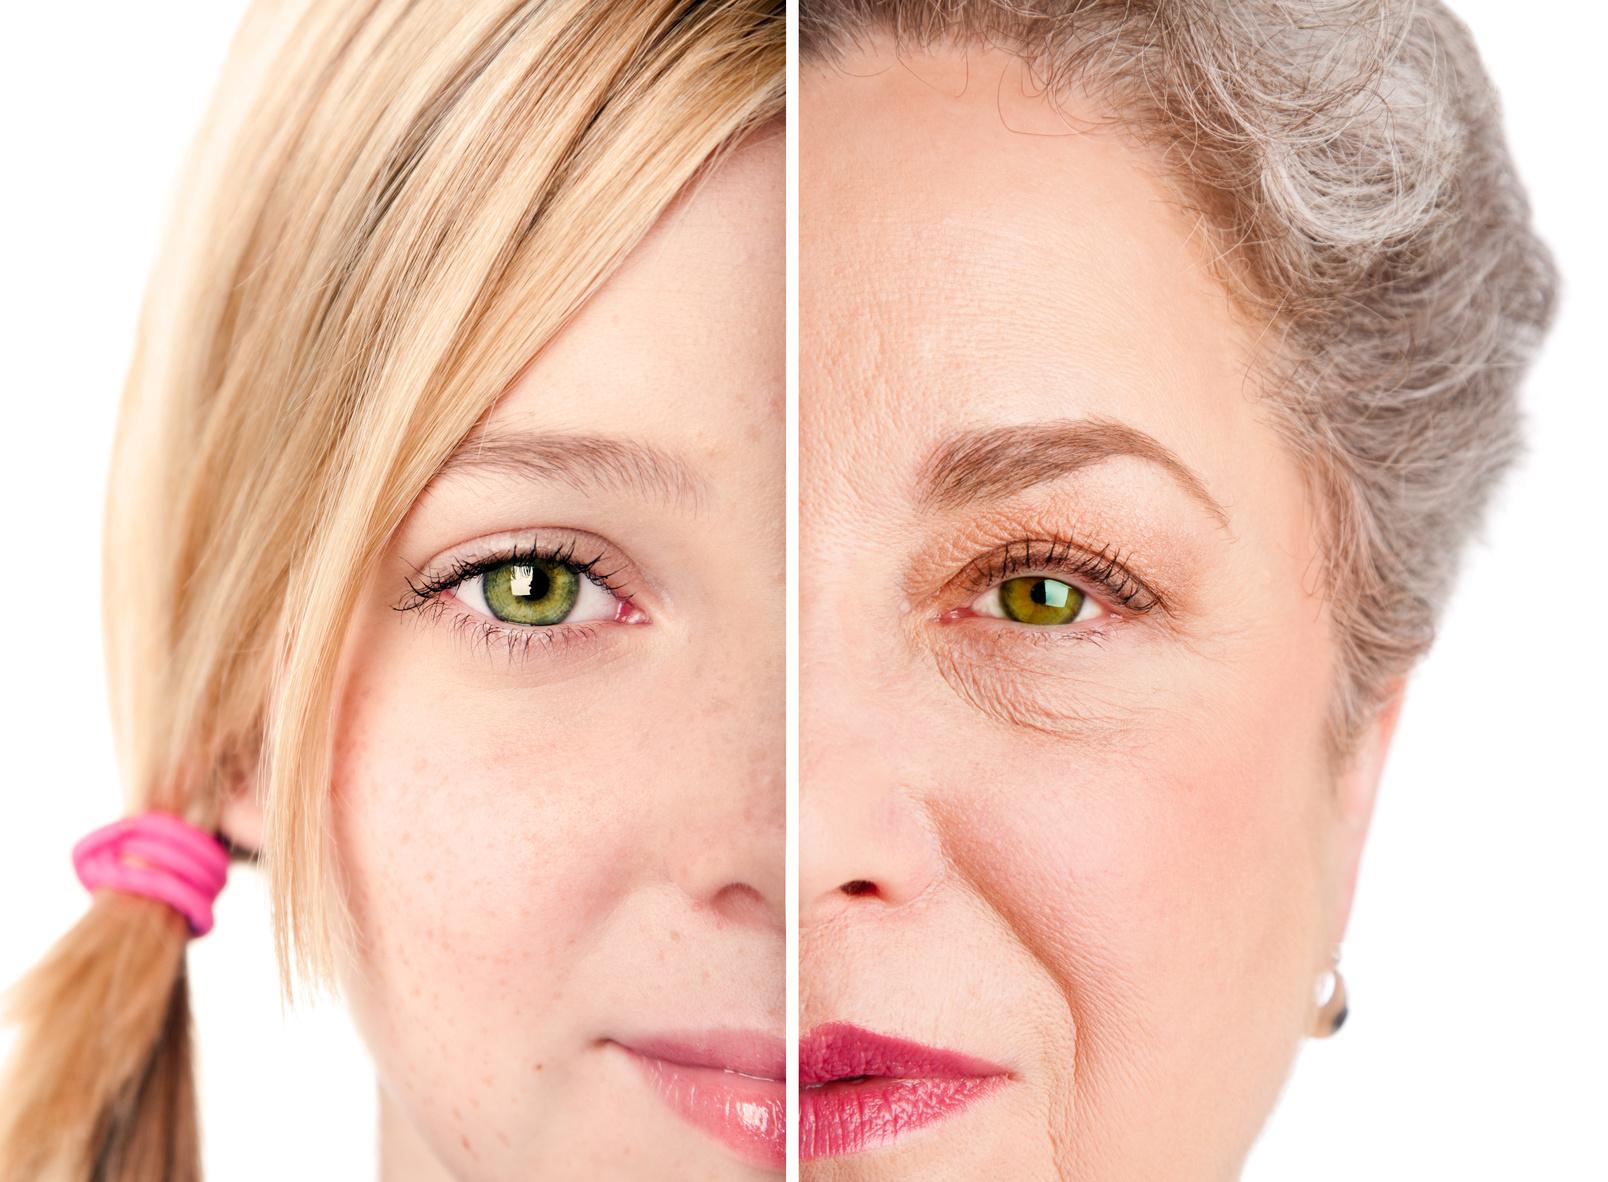 Il processo d'invecchiamento: Piano strategico per una buona e sana vecchiaia